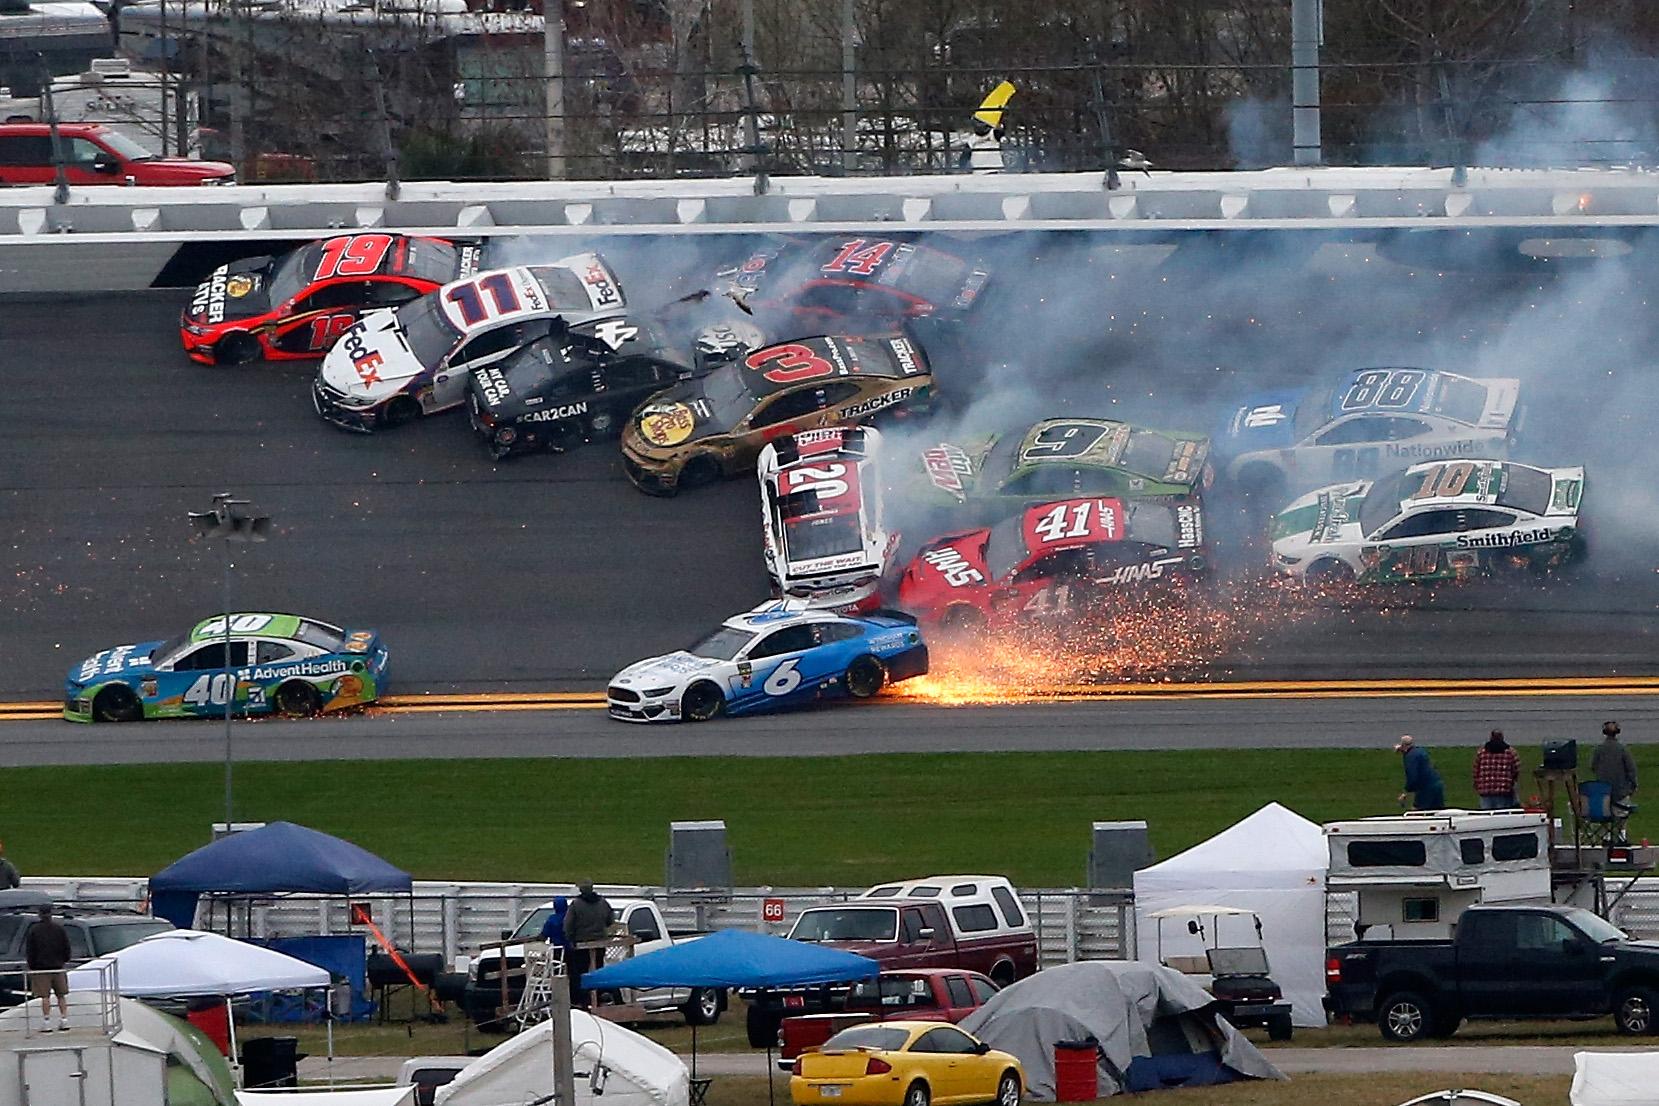 Cars crash during a NASCAR race